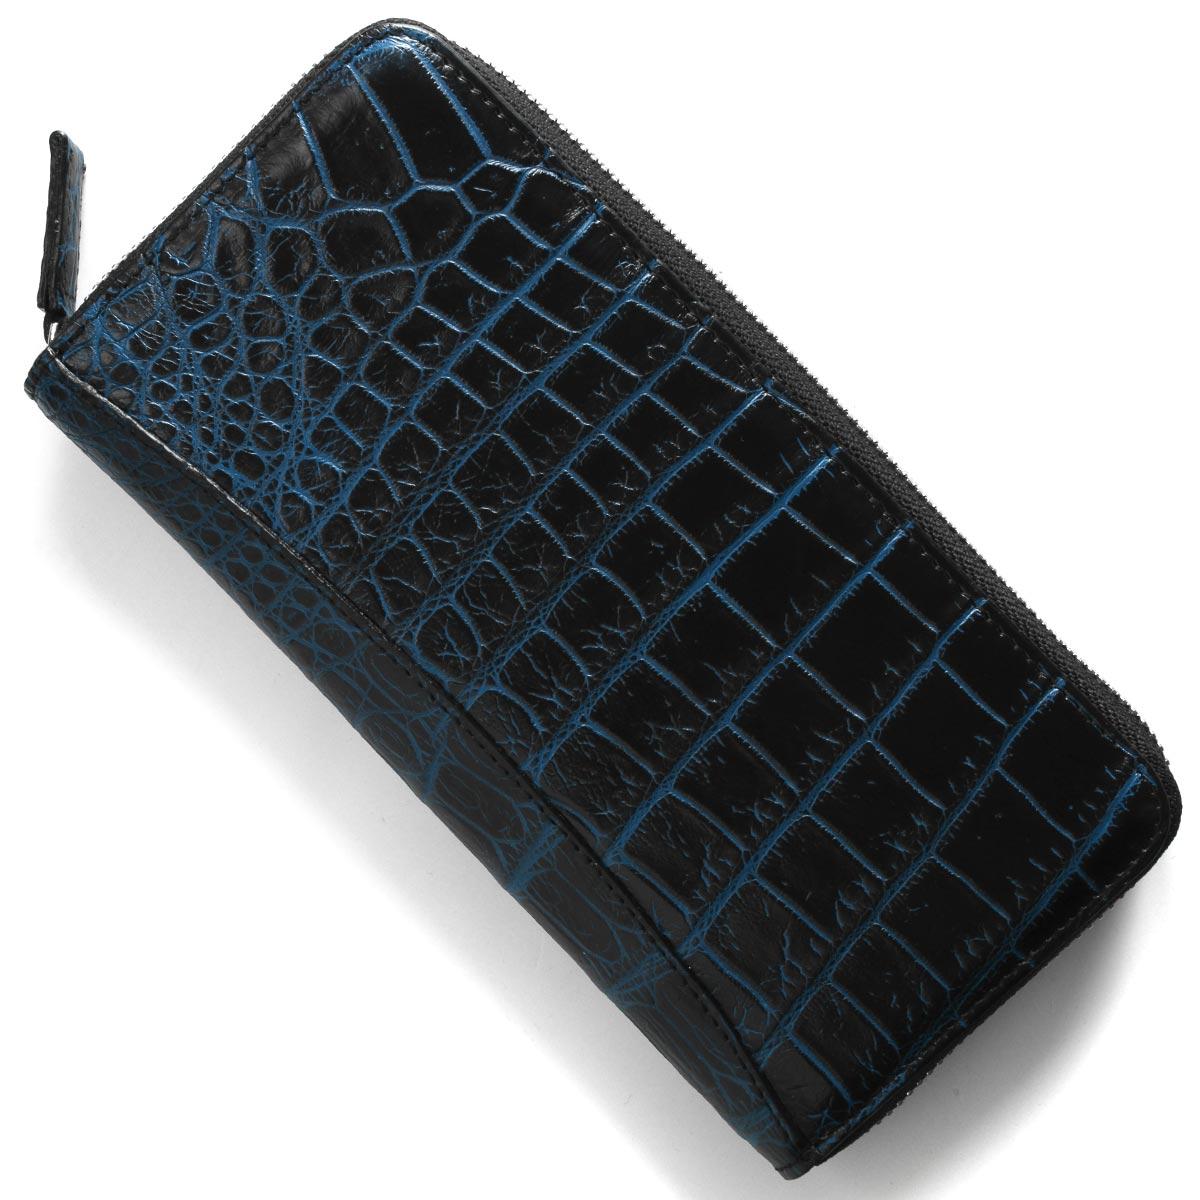 本革 長財布 財布 メンズ レディース クロコ ブラック&ネイビーブルー CRS002P BKNV Leather